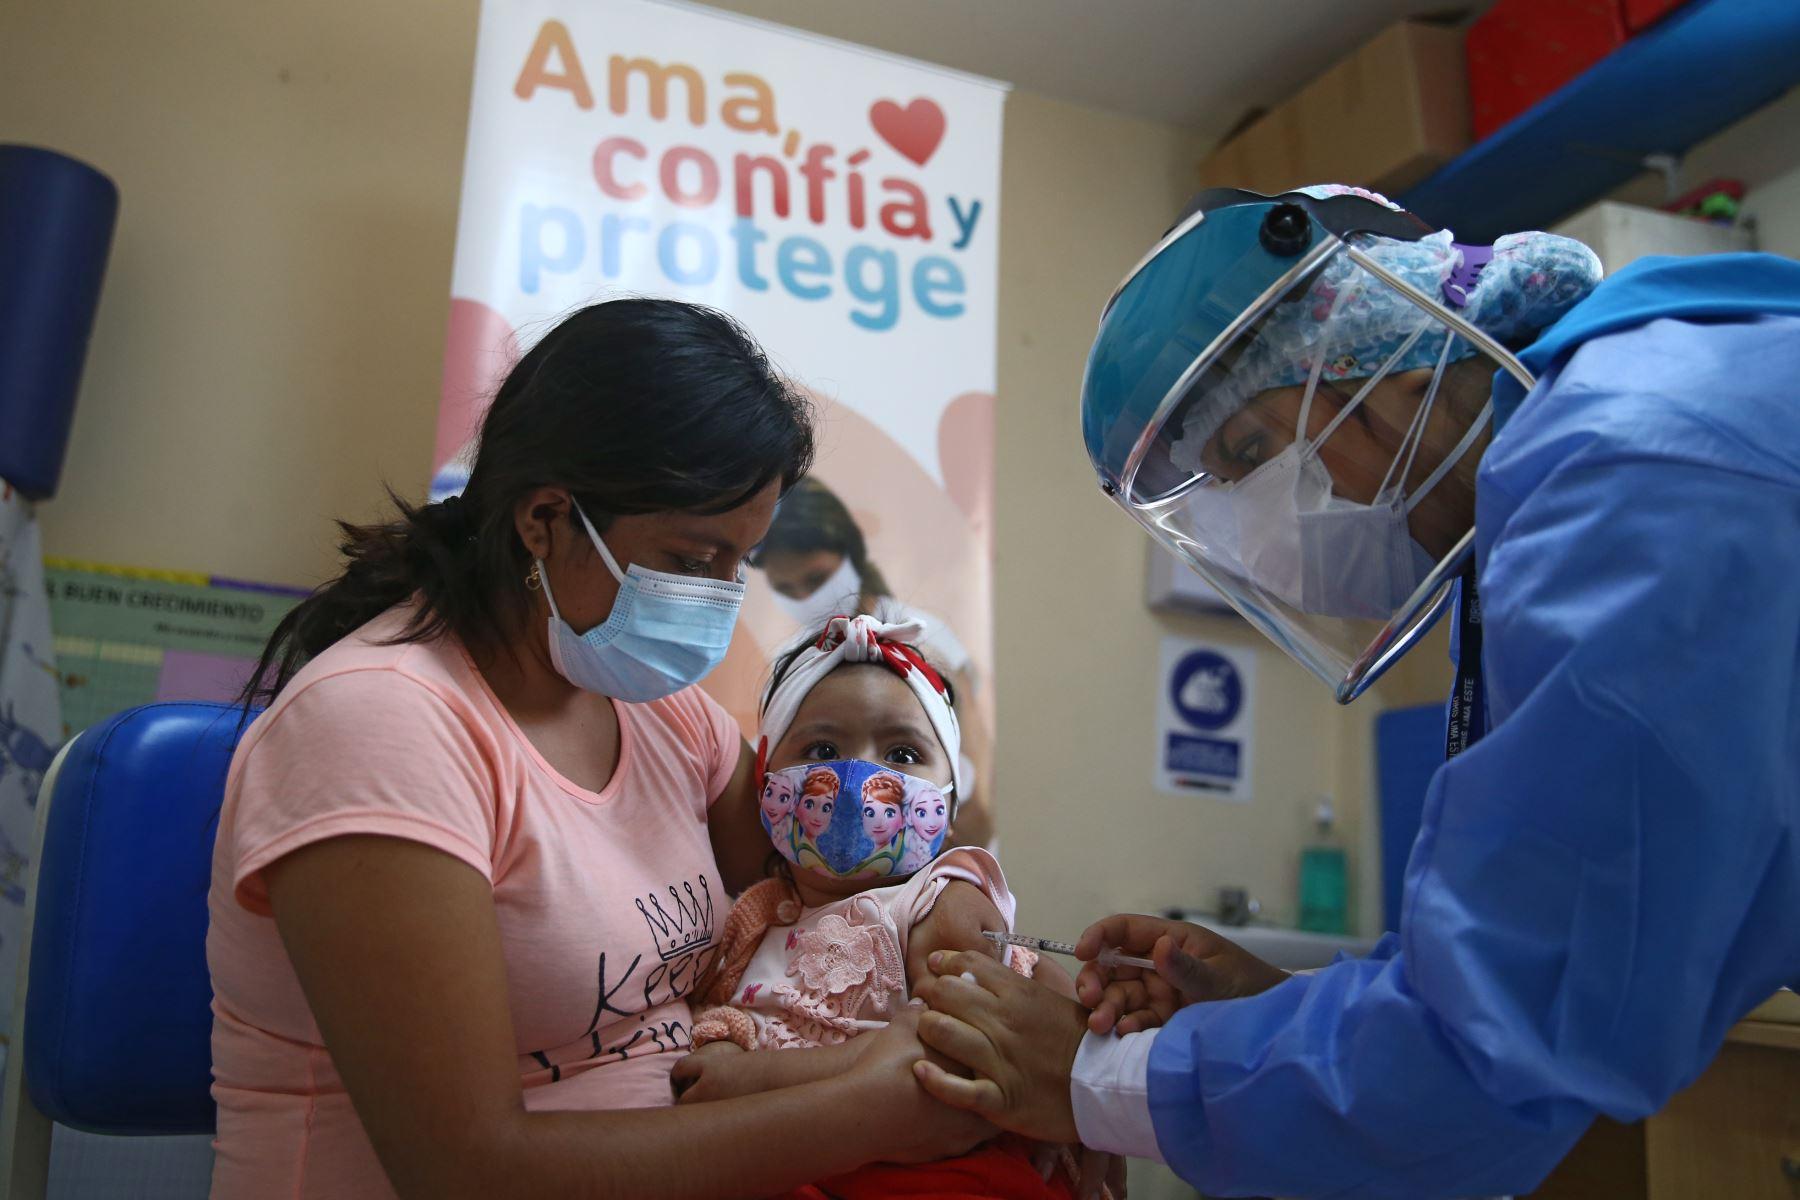 Su mística es trabajar por el bien de la comunidad y brindar el mejor servicio a los ciudadanos. Foto: ANDINA/Vidal Tarqui